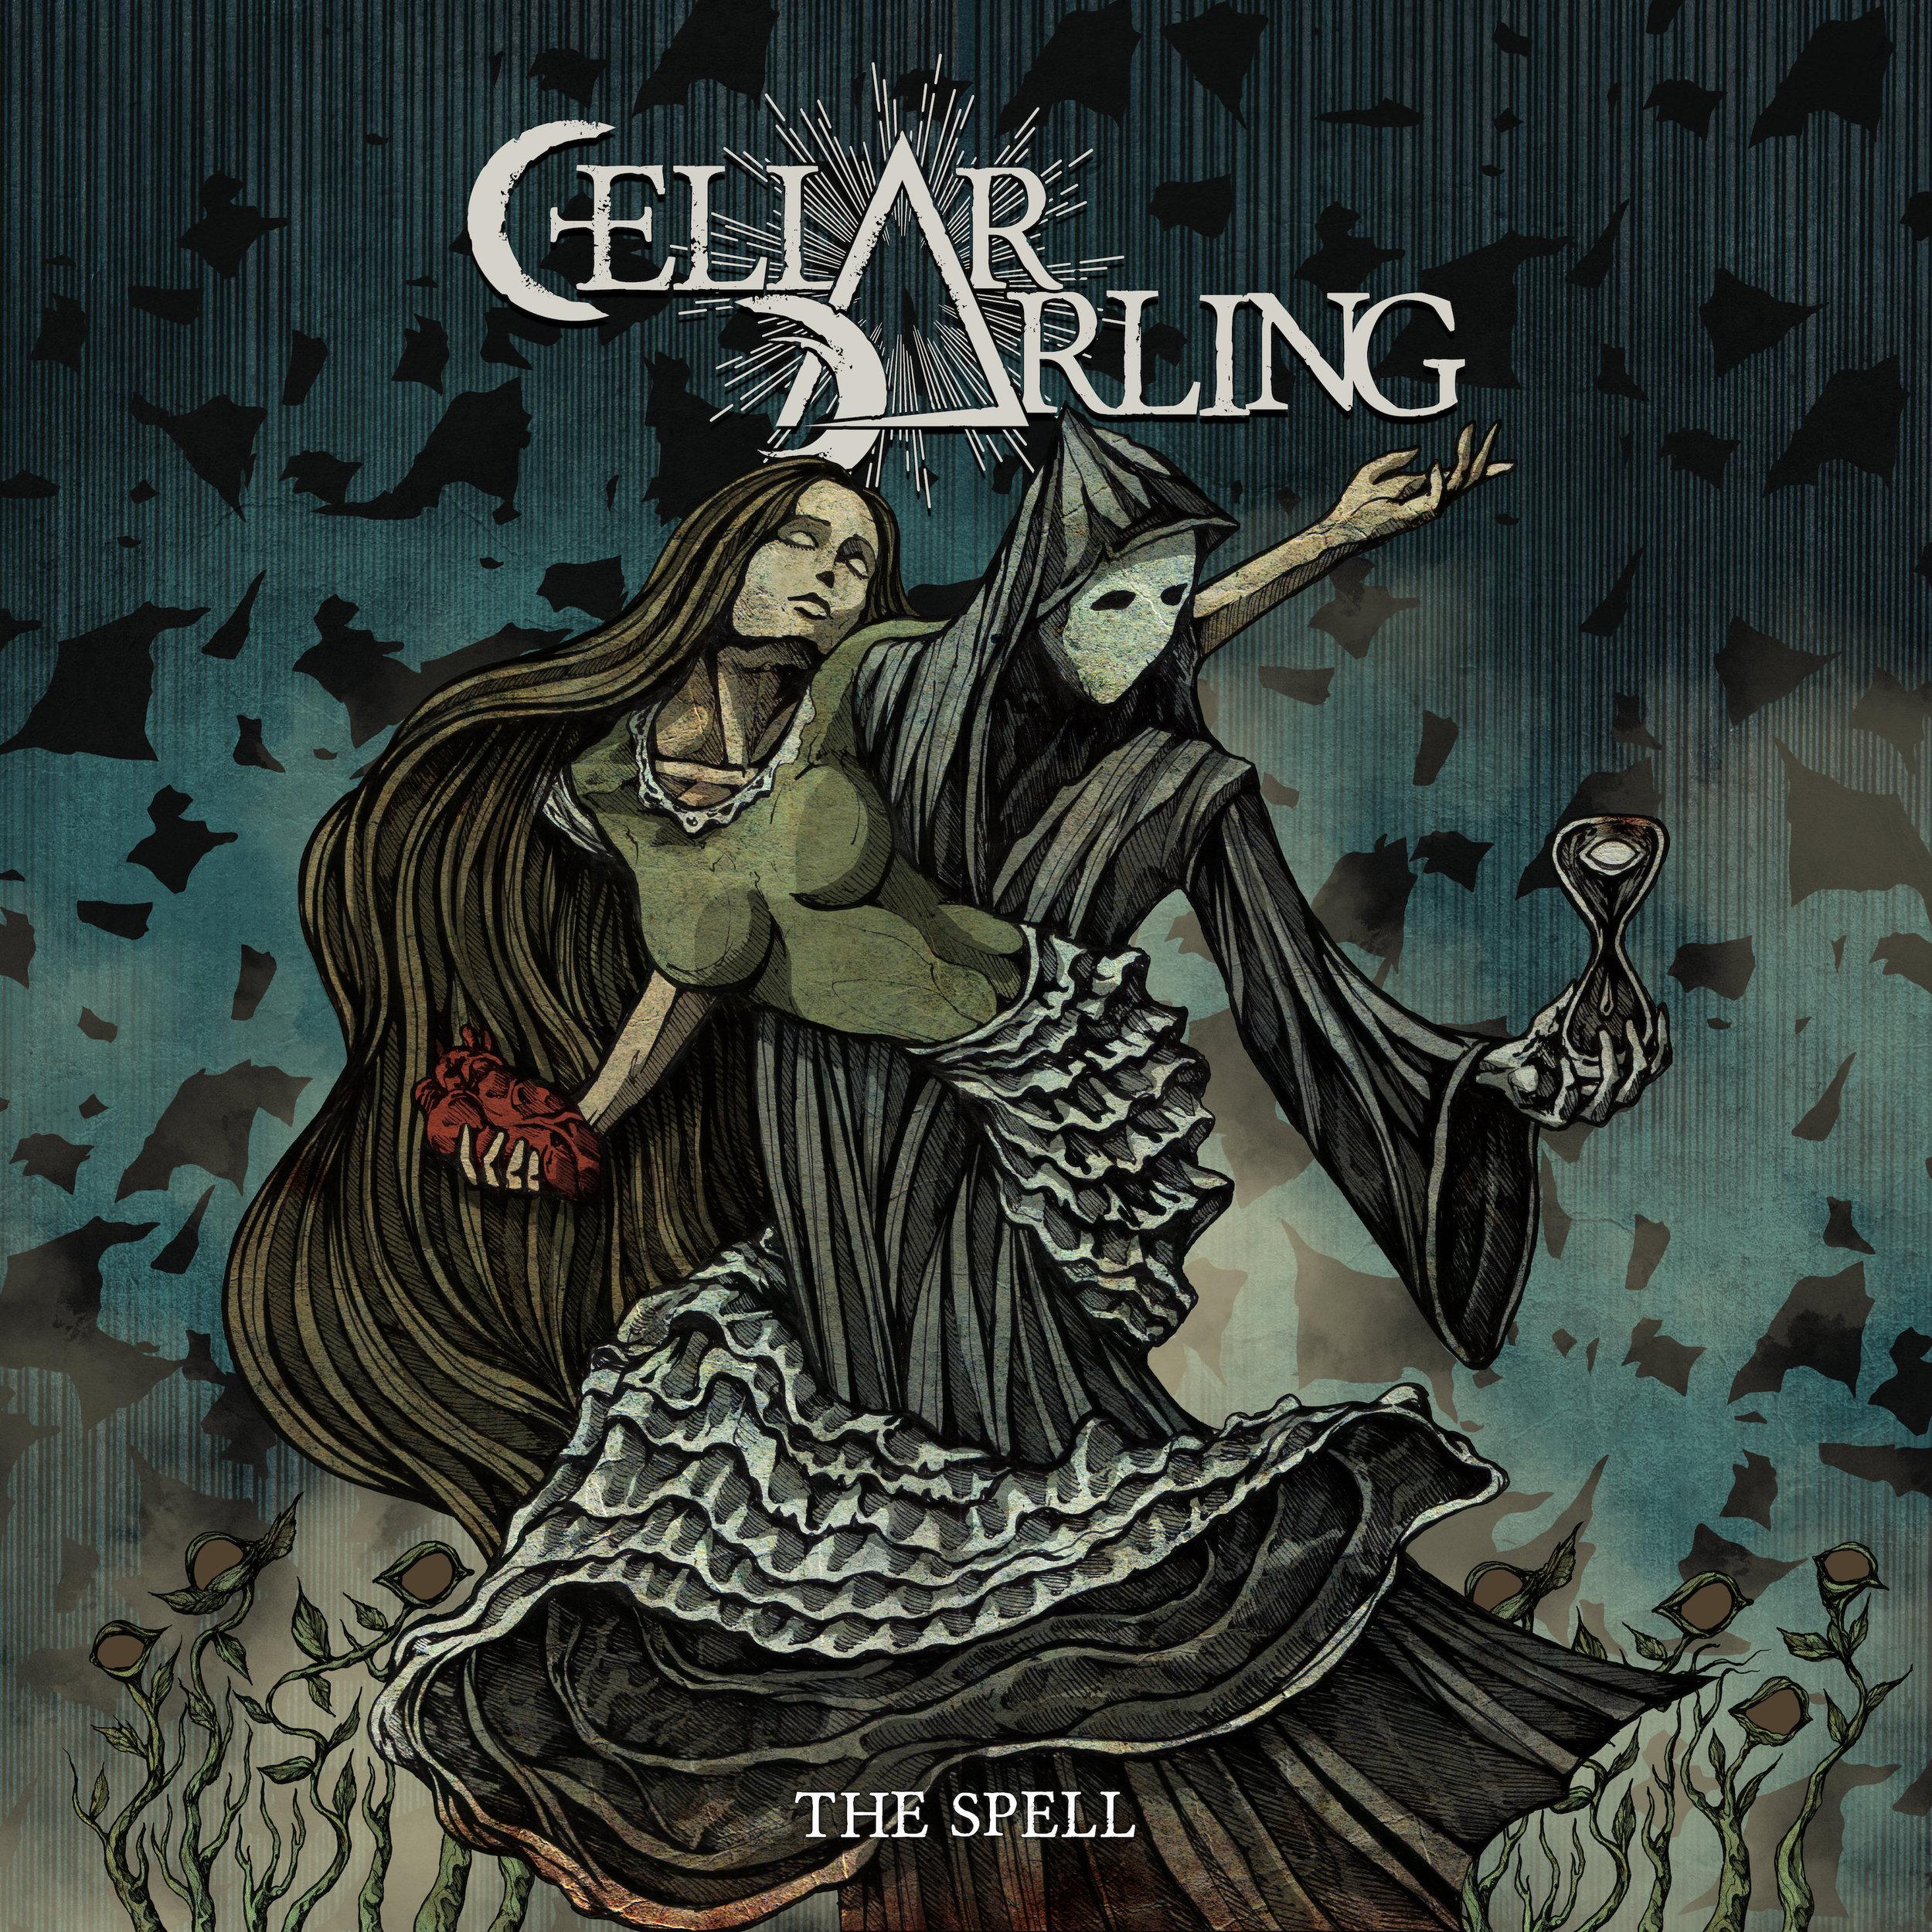 Cellar Darling - The Spell.jpg